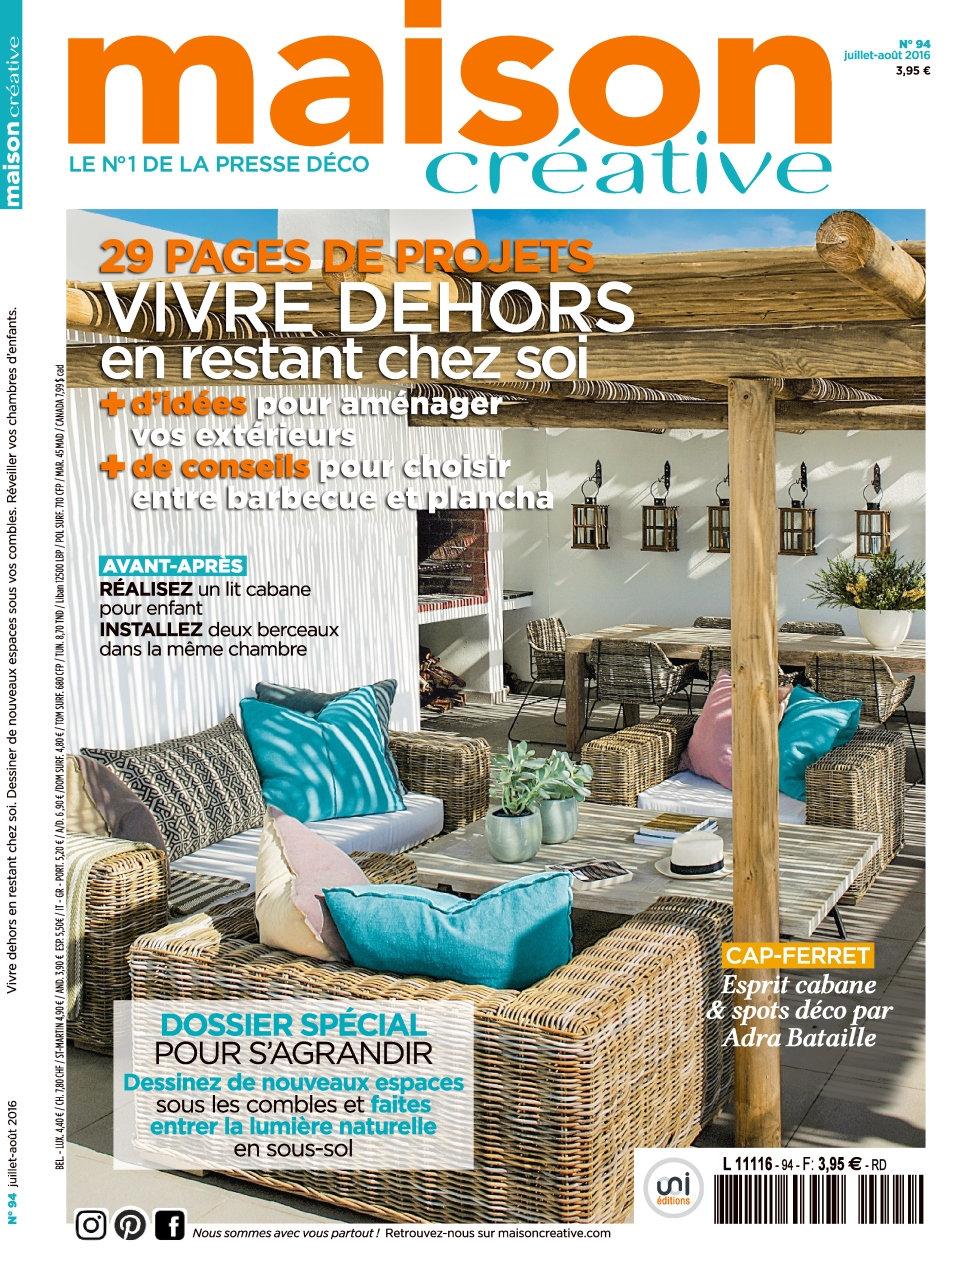 Maison Créative N°94 - Juillet/Aout 2016